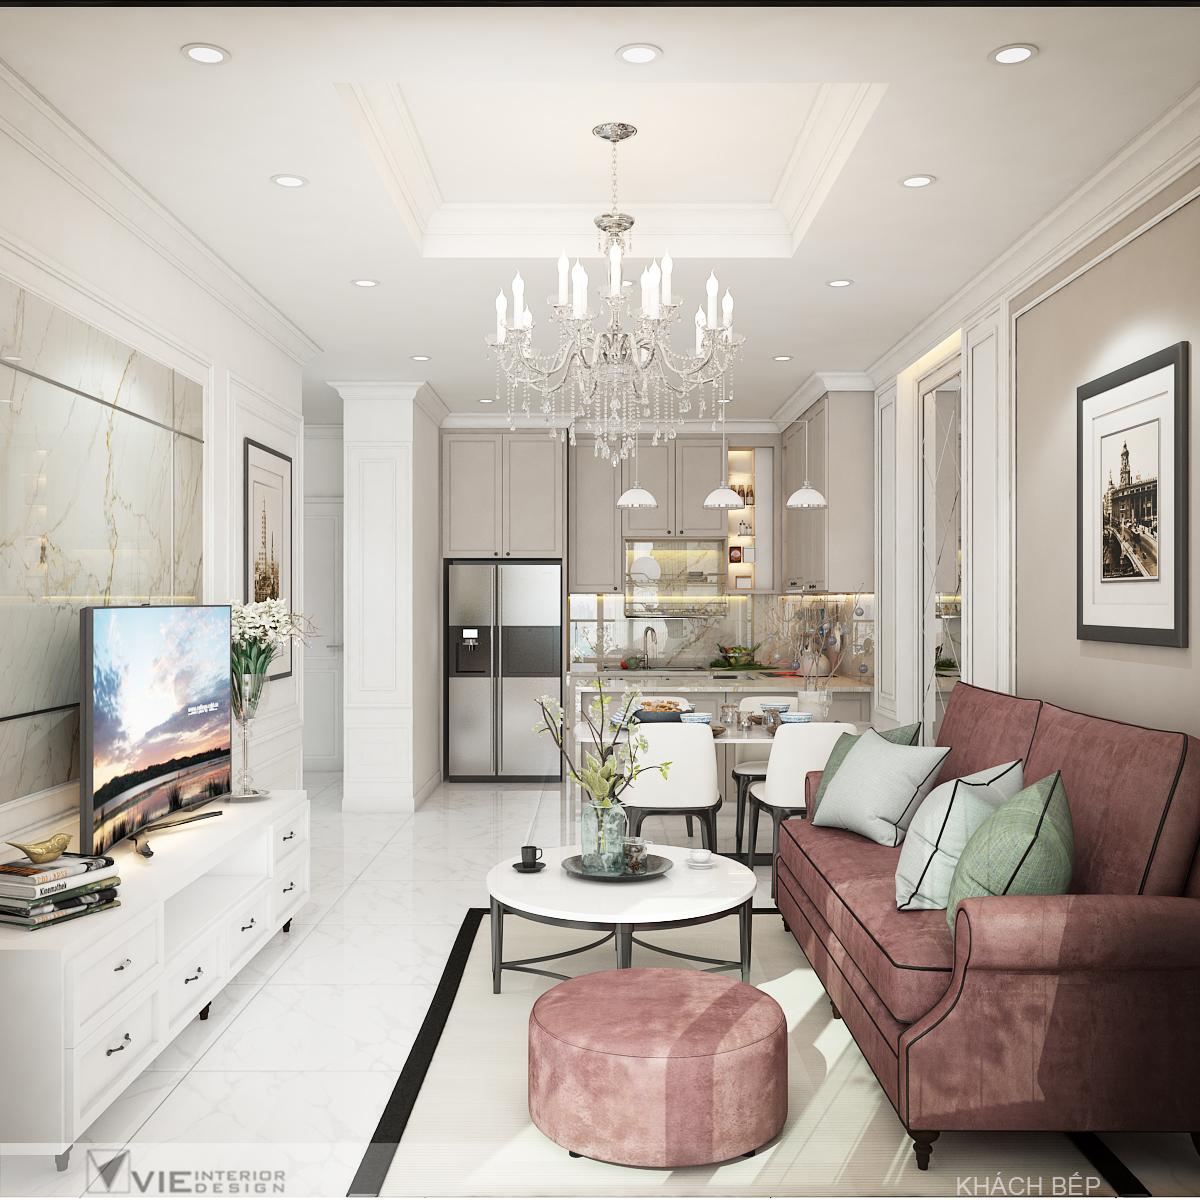 thiết kế nội thất chung cư tại Hồ Chí Minh Chi Phung_KINGTON-K18 1 1562641135